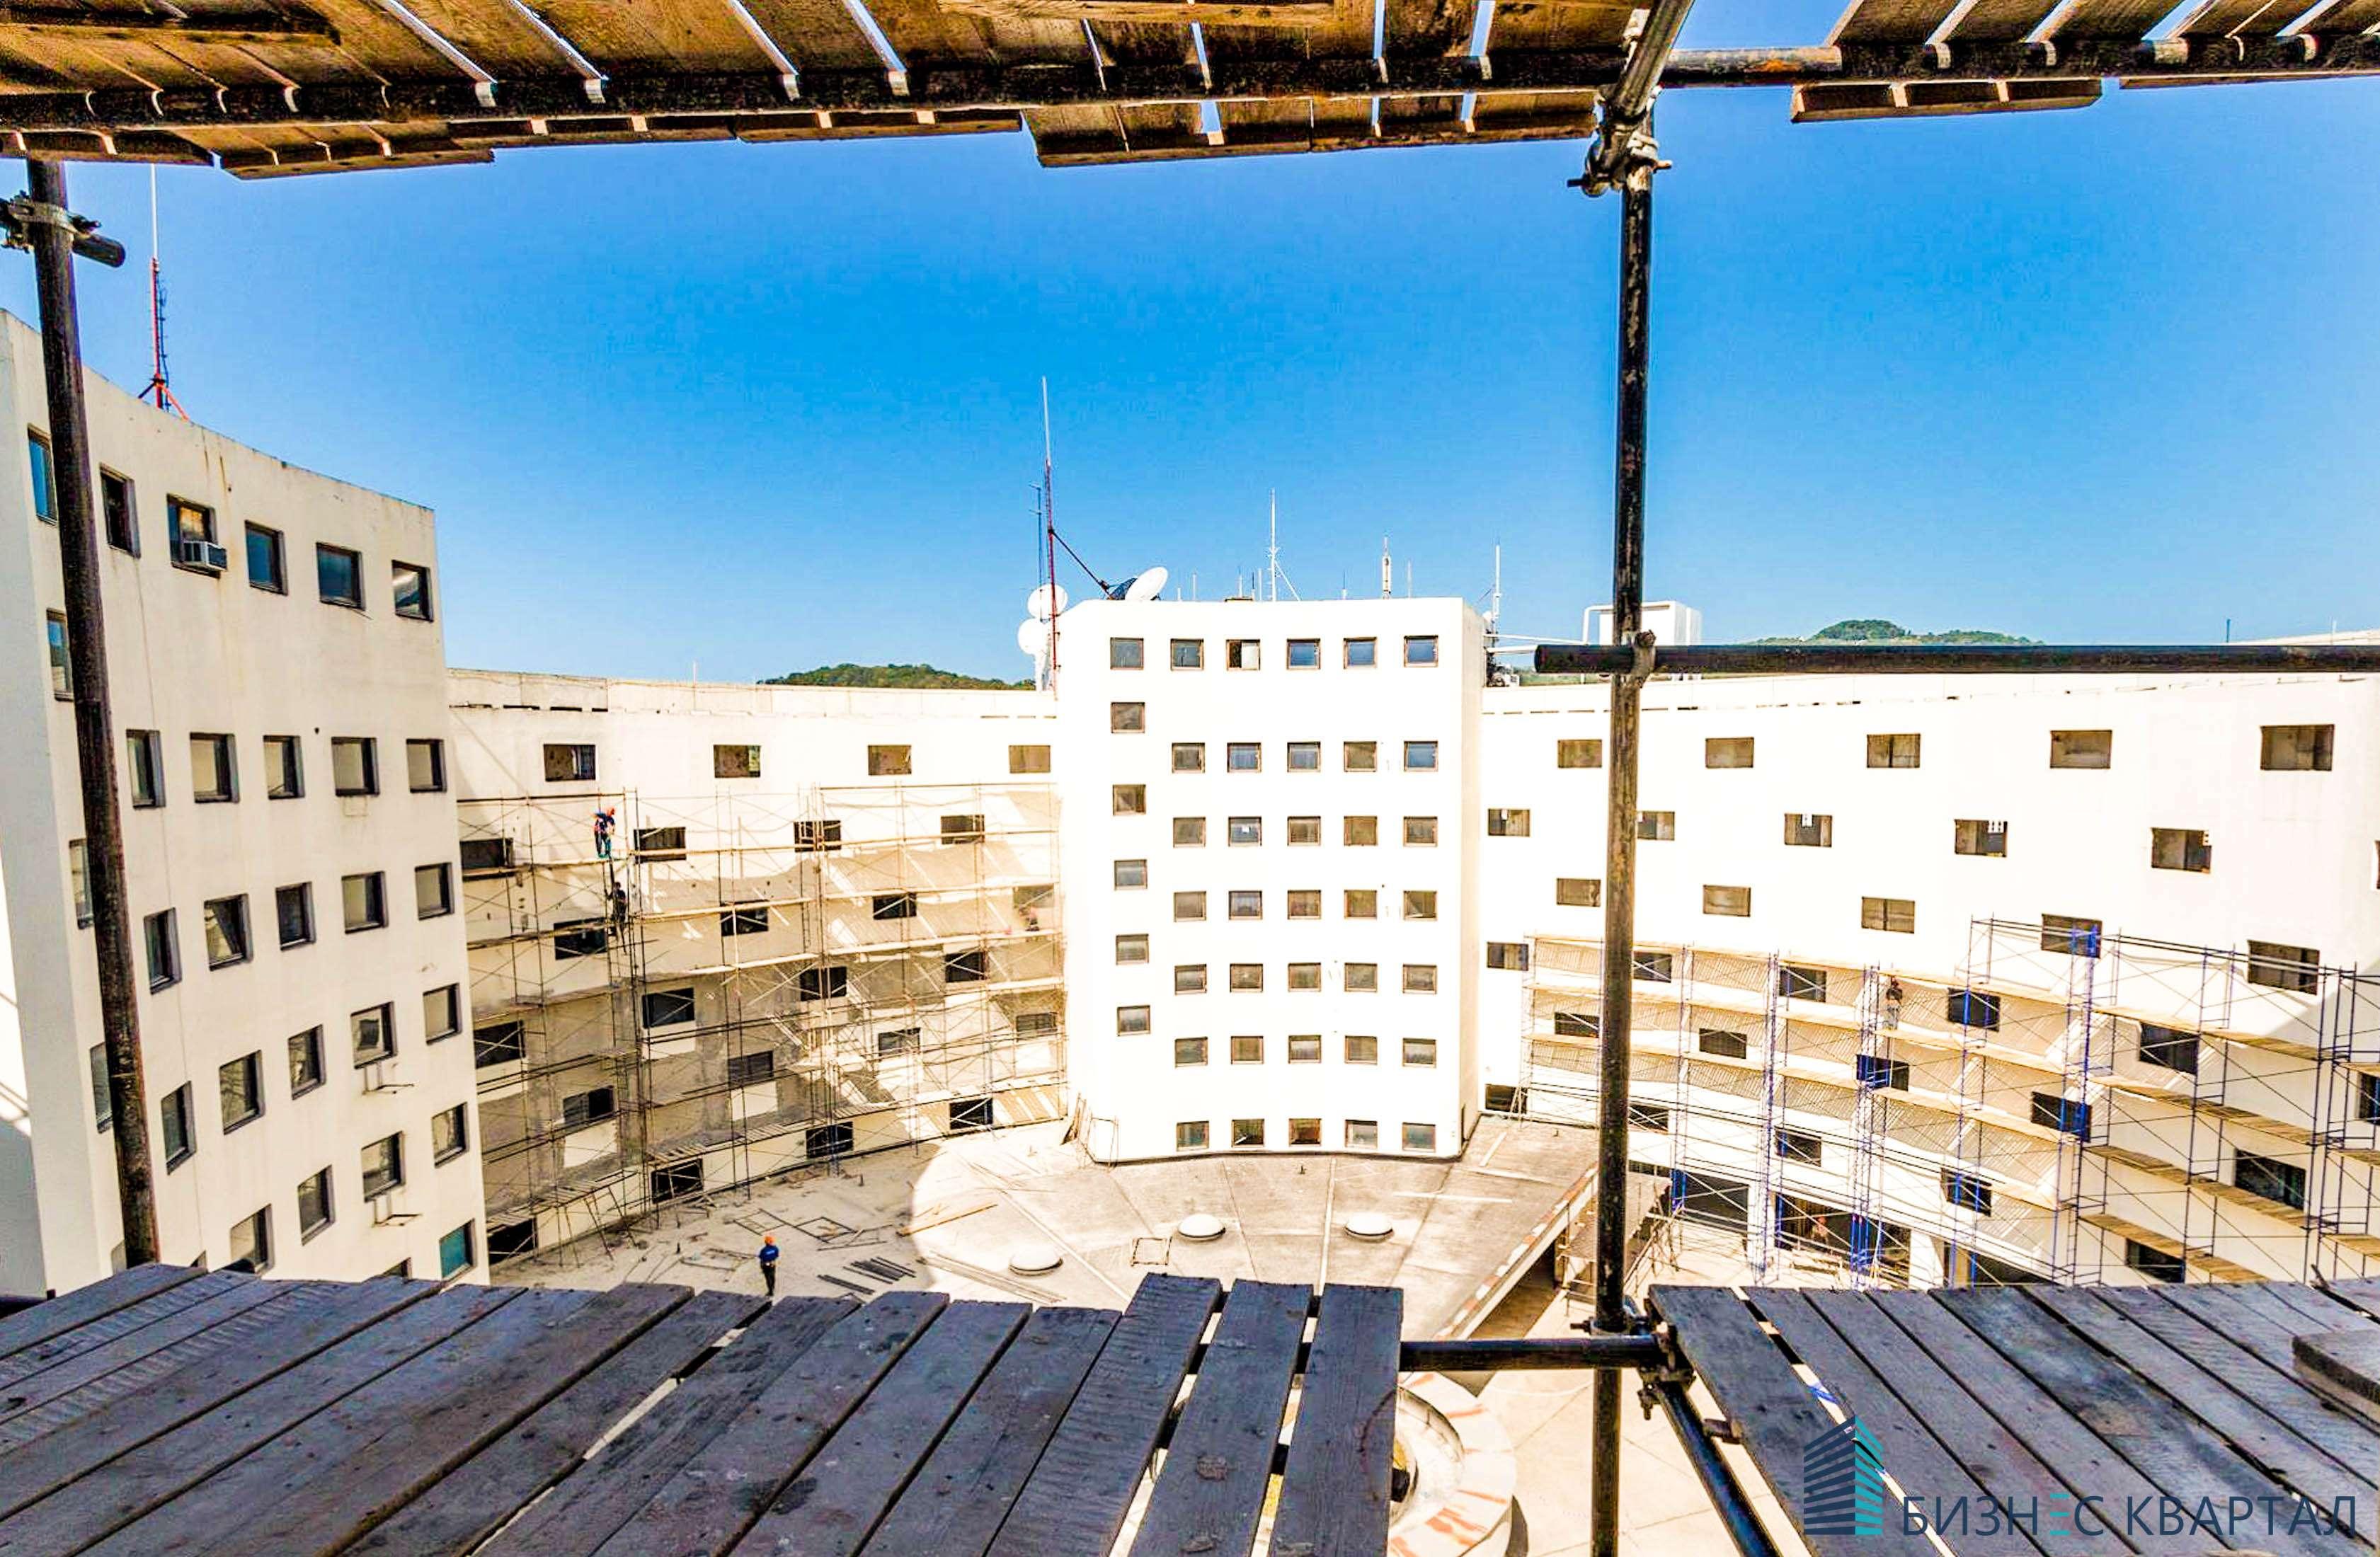 Стильные апартаменты в Сочи с ремонтом и мебелью - image gotovye-apartamenty-v-sochi-5 on https://bizneskvartal.ru